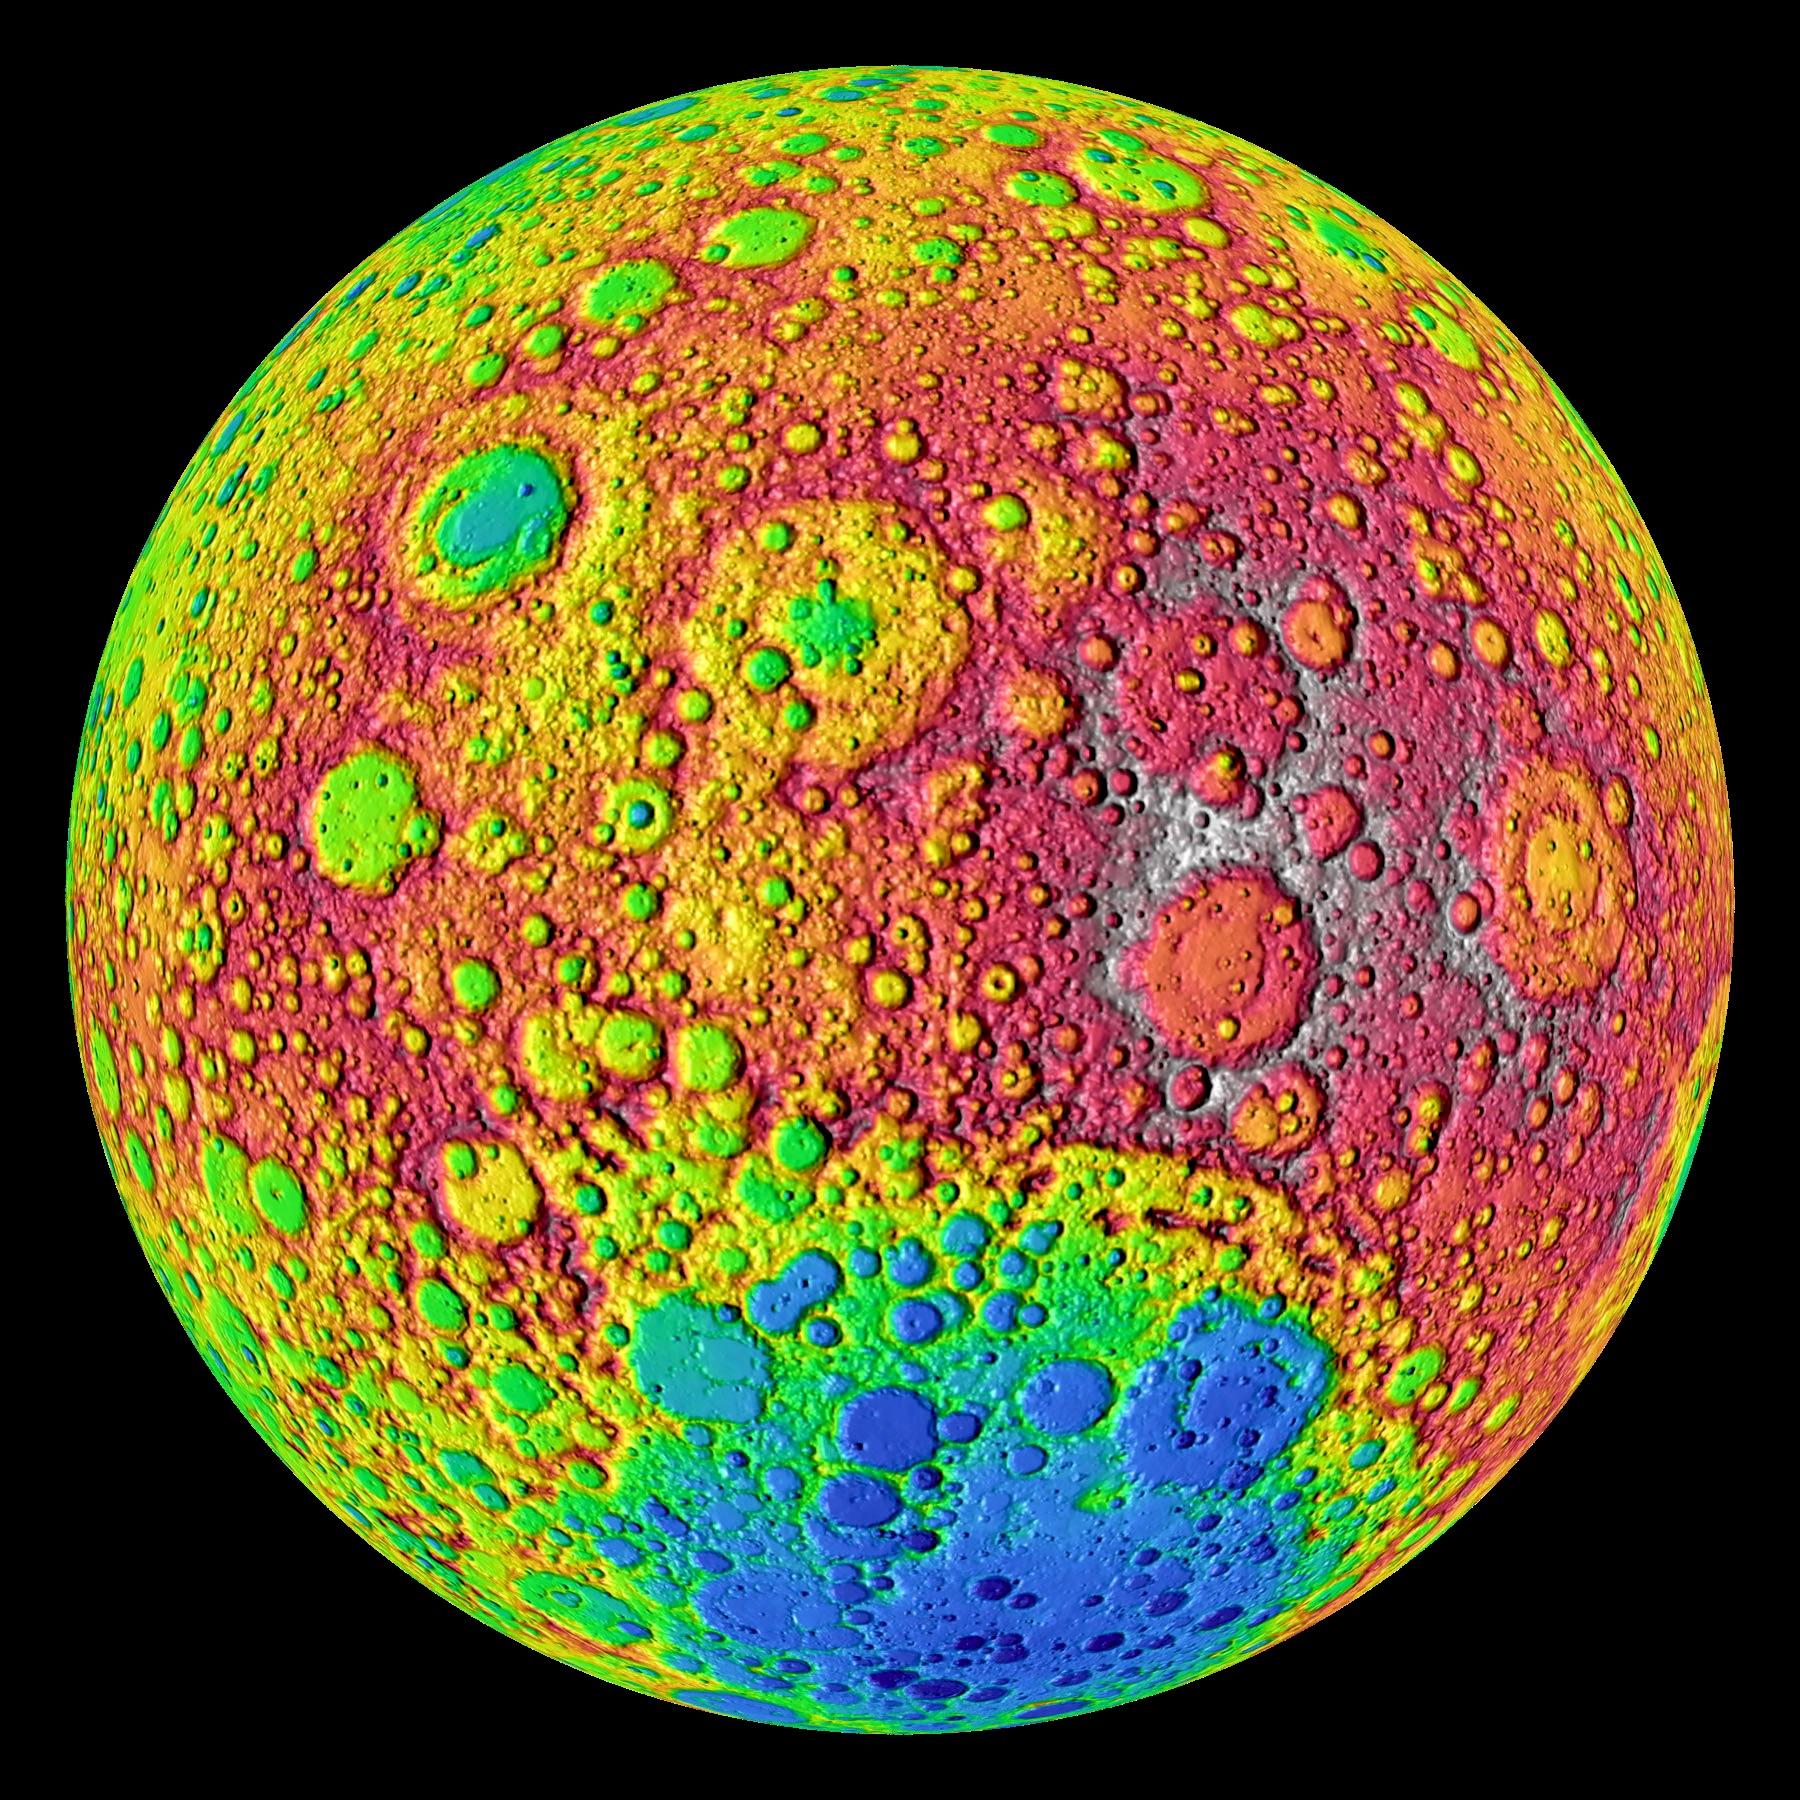 Nouvelles de la mission LRO (Lunar Reconnaissance Orbiter) 463876main_LRO_farside